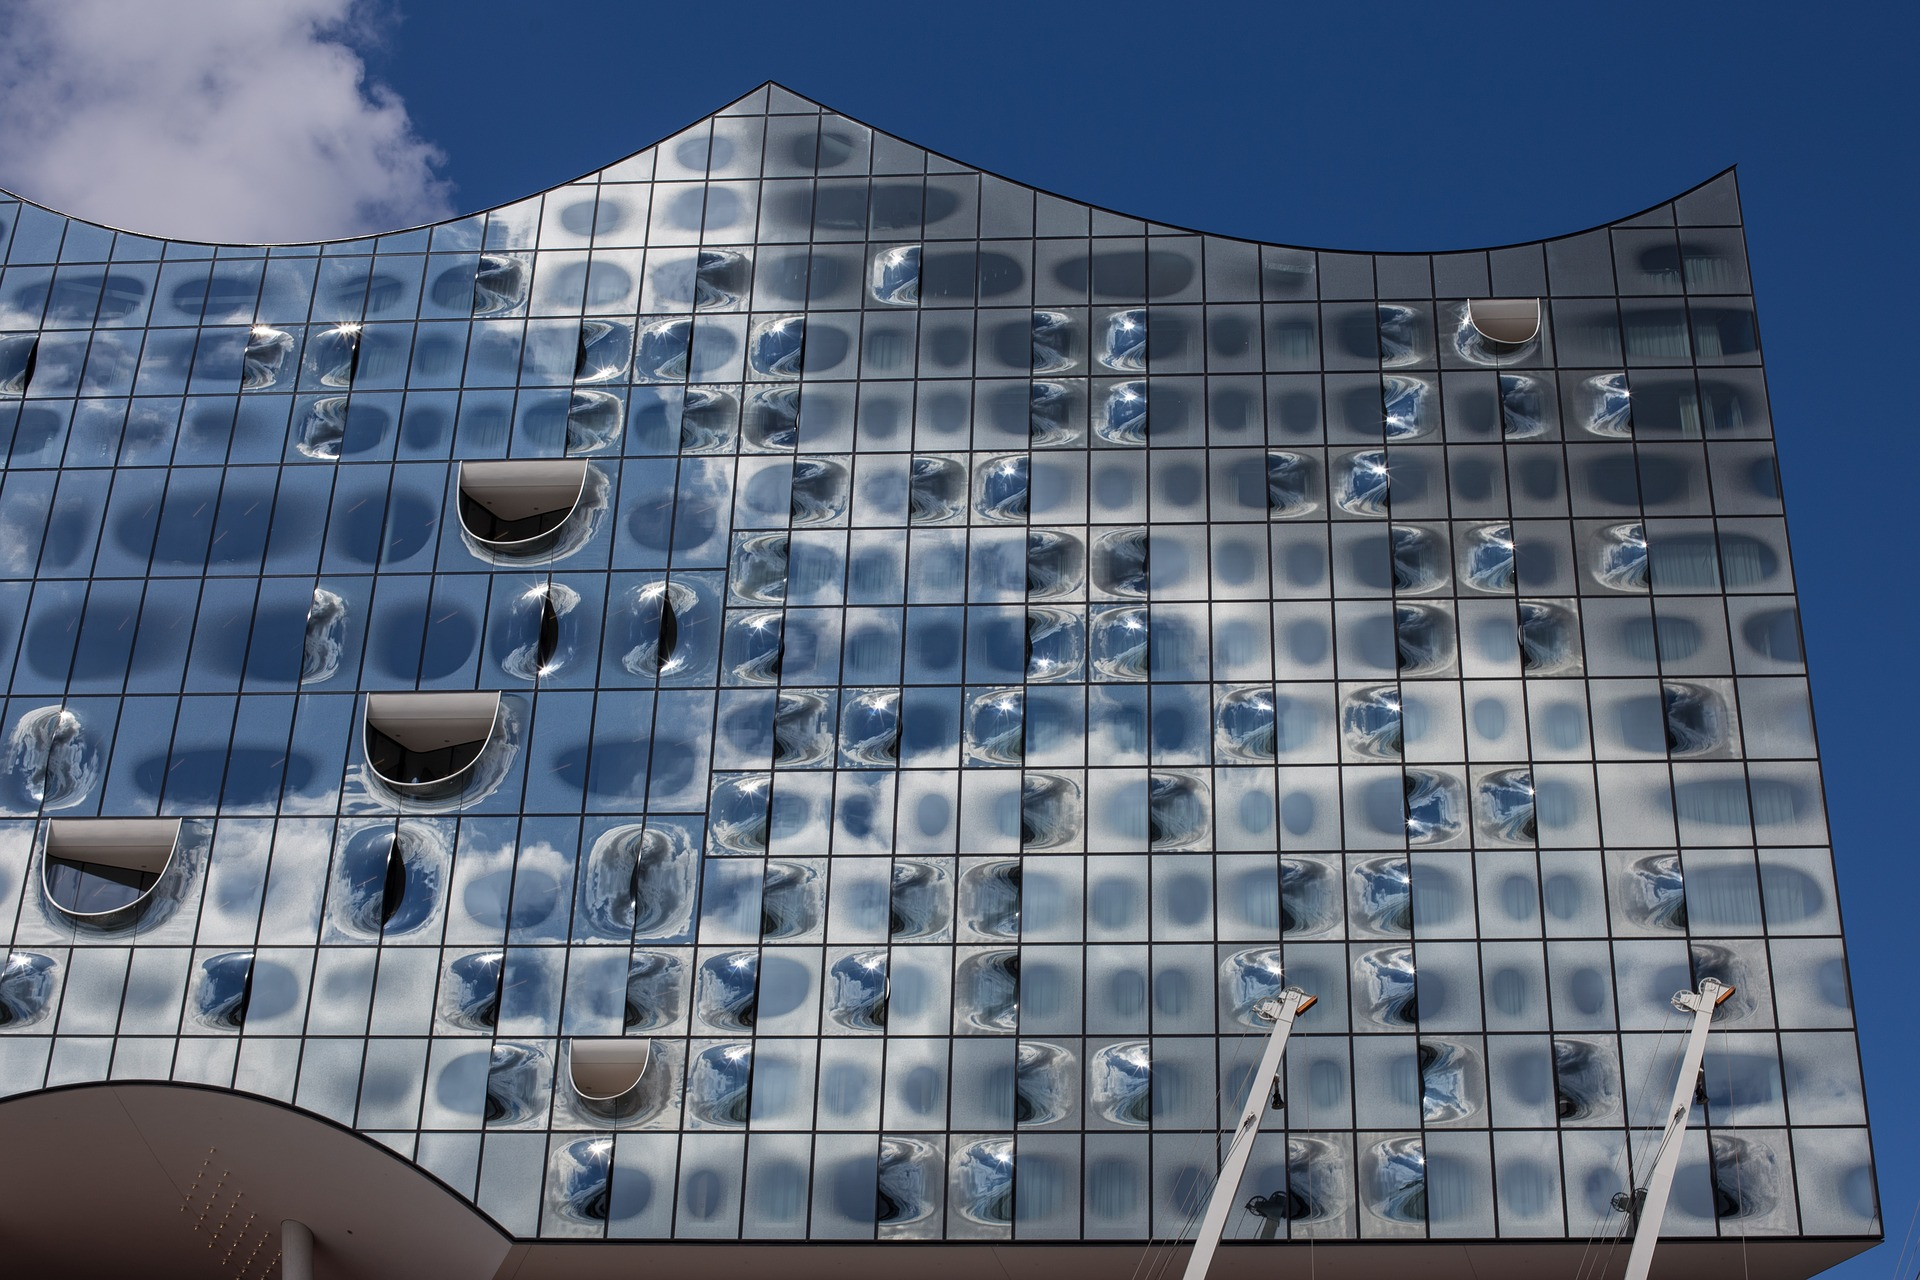 Fensterbauer Hamburg Fensterbauer Berlin Fensterbauer Bremen Fenstereinbau Fensterbauer finden